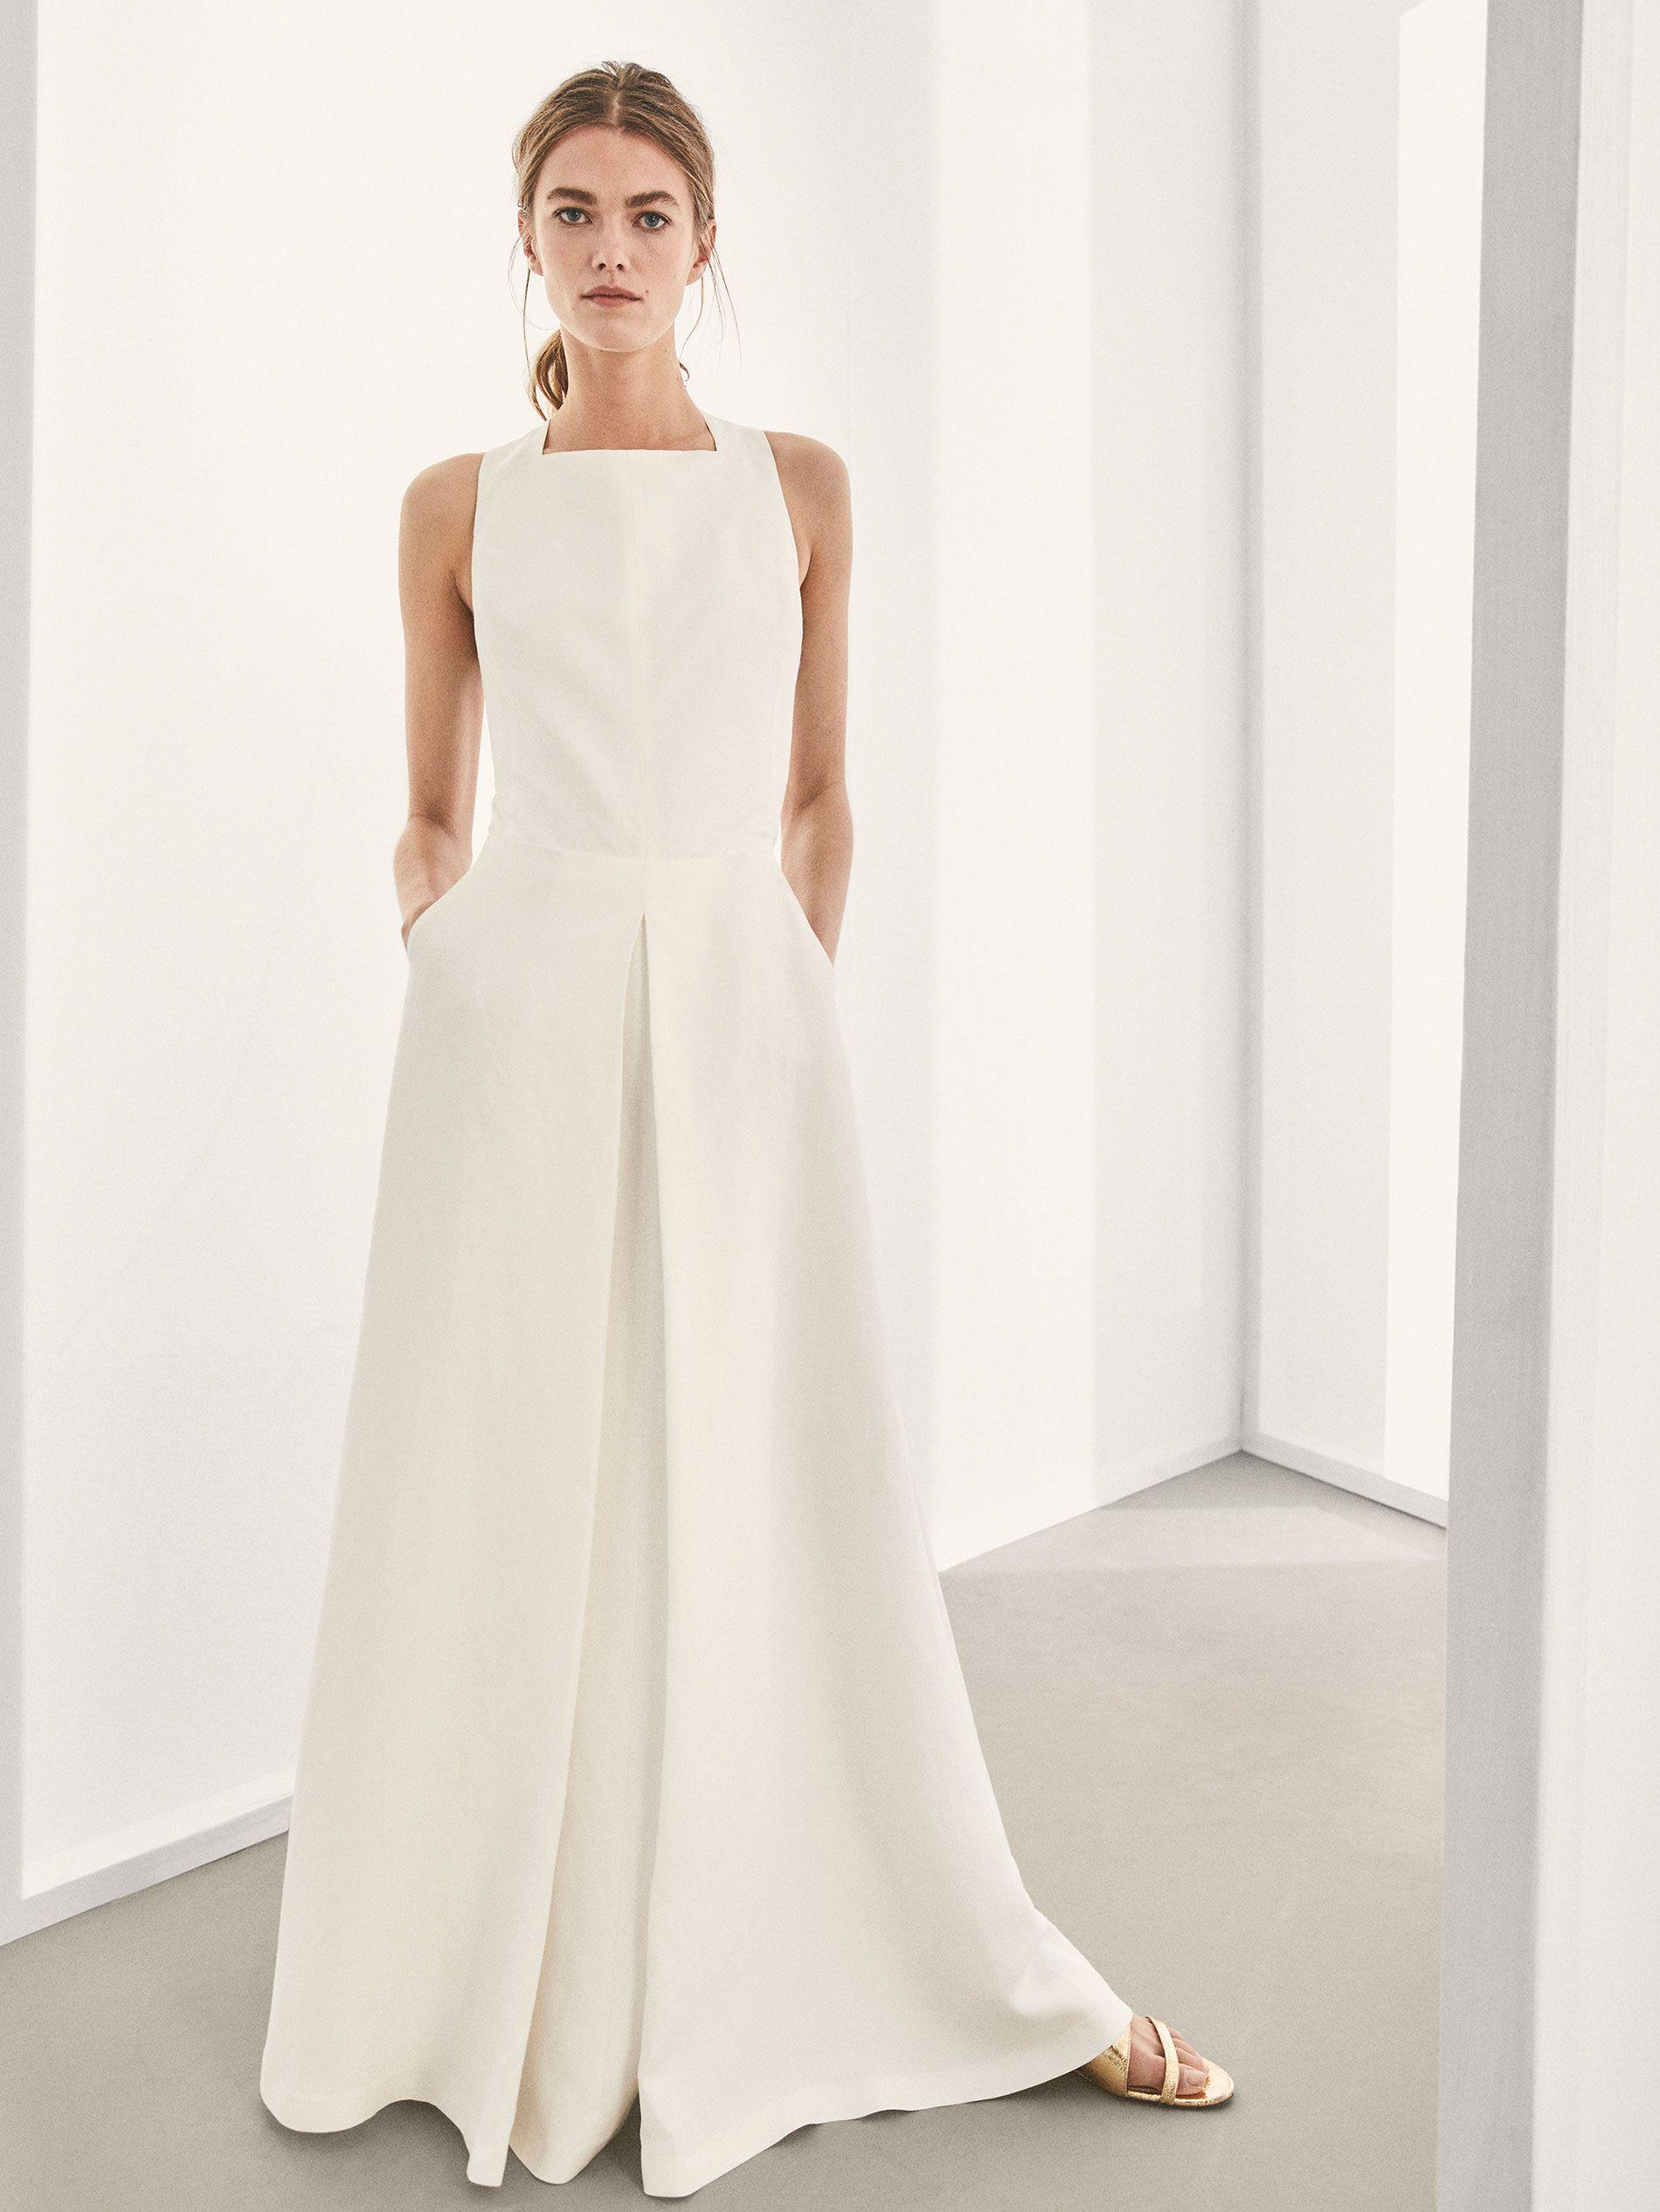 6553ba9f7 Massimo Dutti vende los dos vestidos de novia más bonitos de la temporada